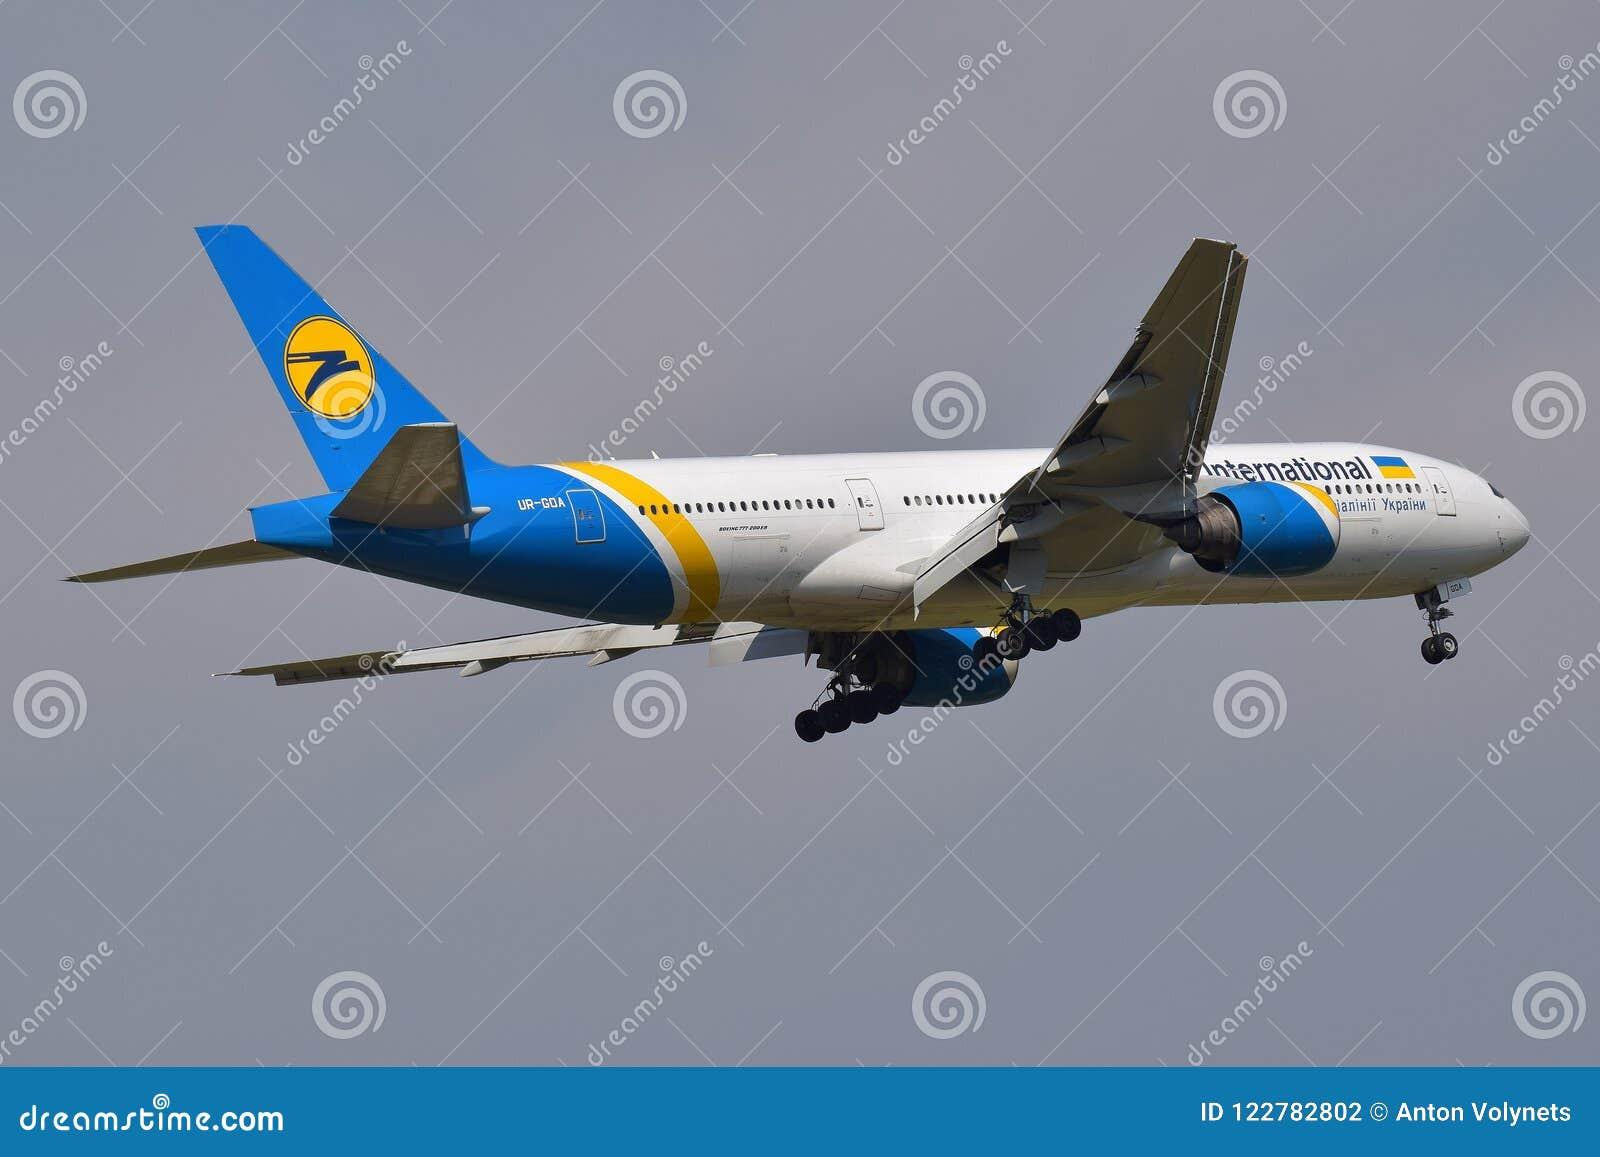 Ukraine International Airlines Boeing 777